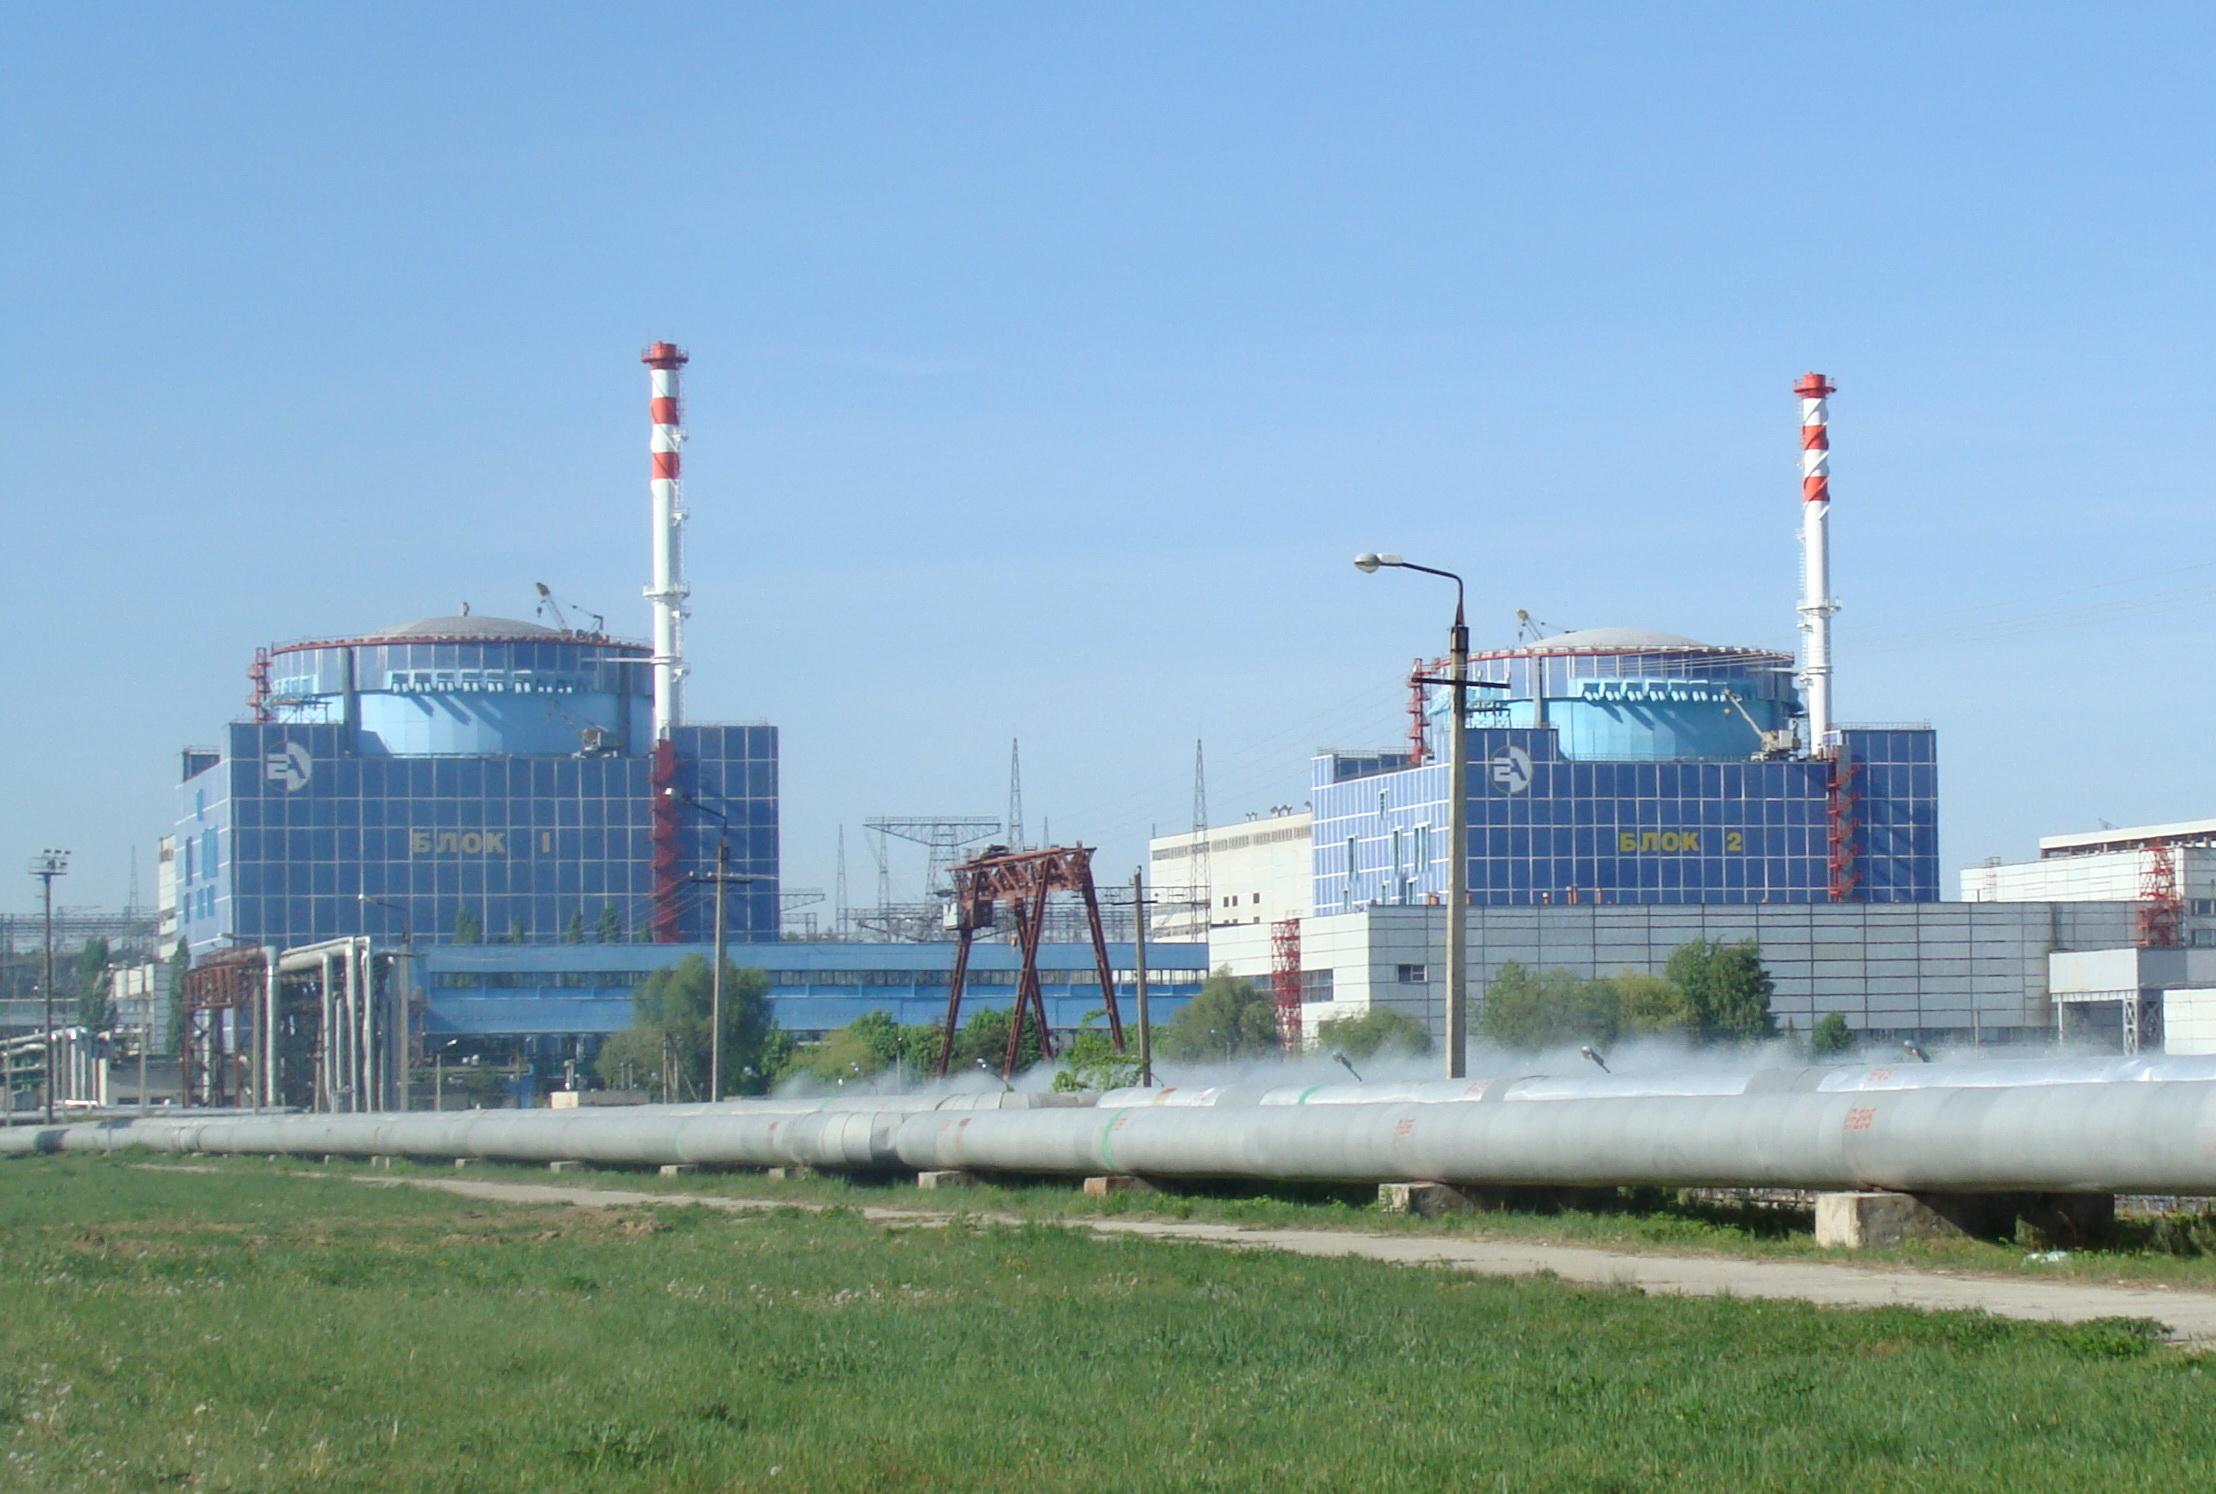 «Энергоатом» решил достроить два энергоблока на ХАЭС: почему эксперты против этого